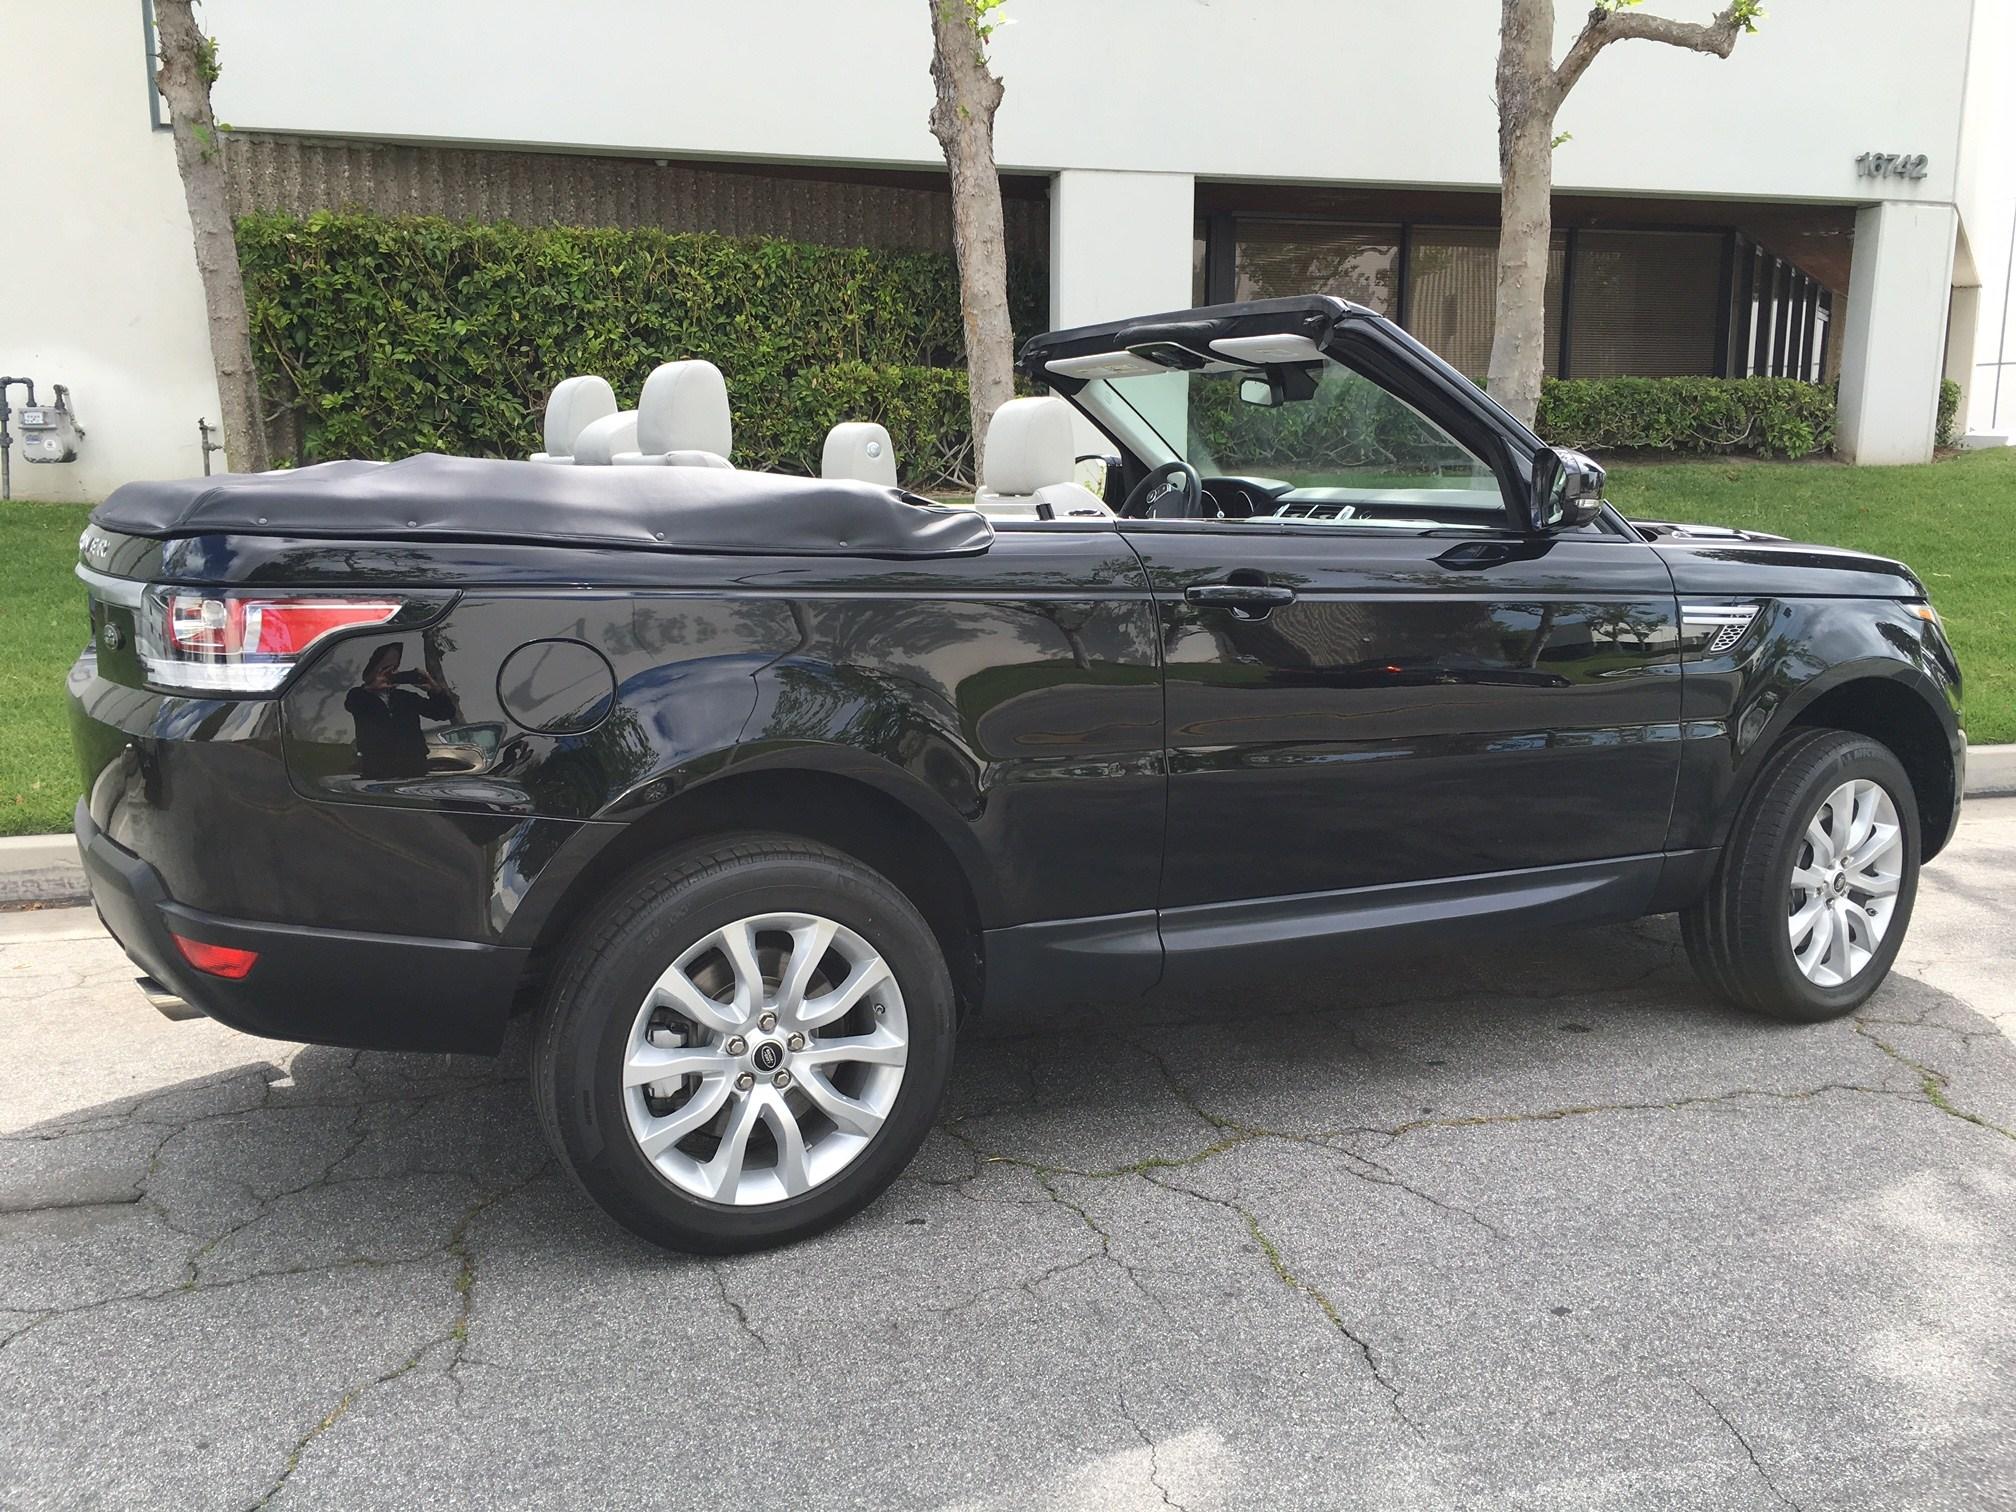 Range Rover 2 door Convertible